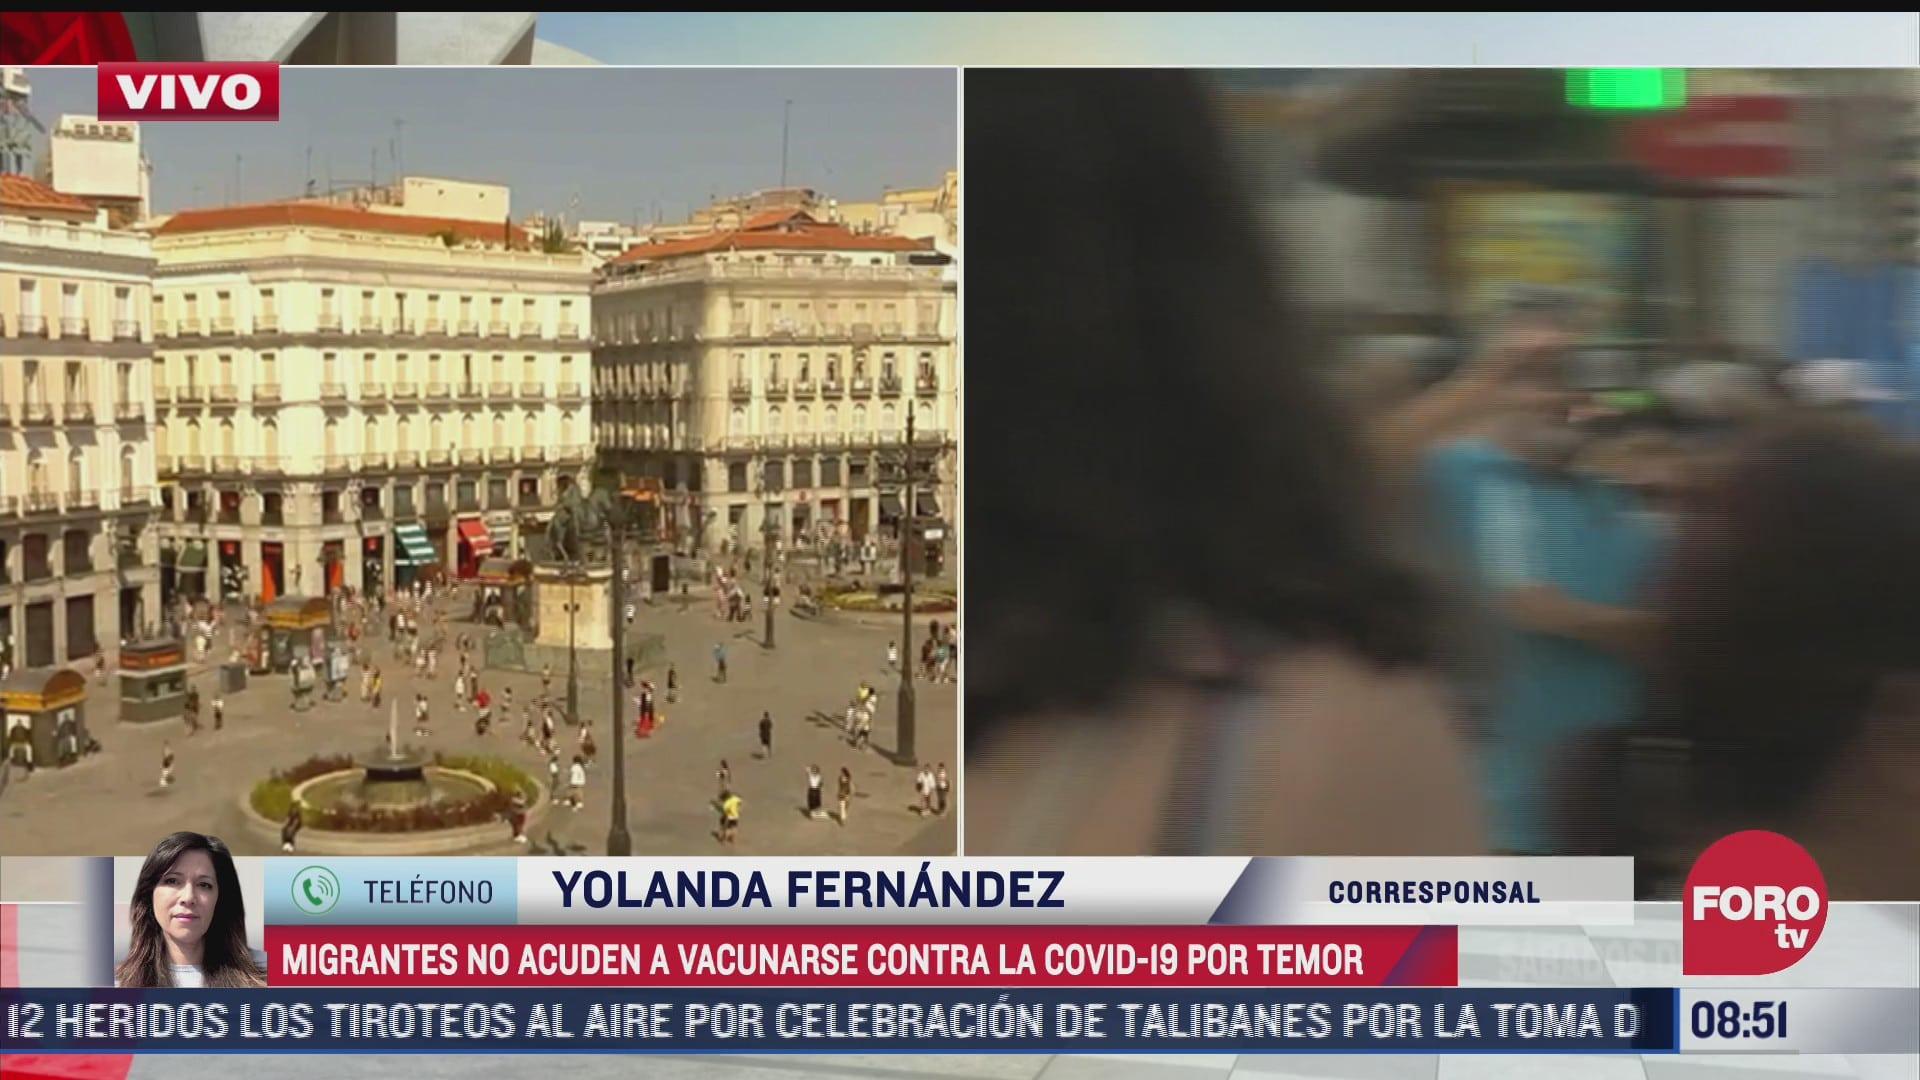 migrantes no acuden a vacunarse en espana